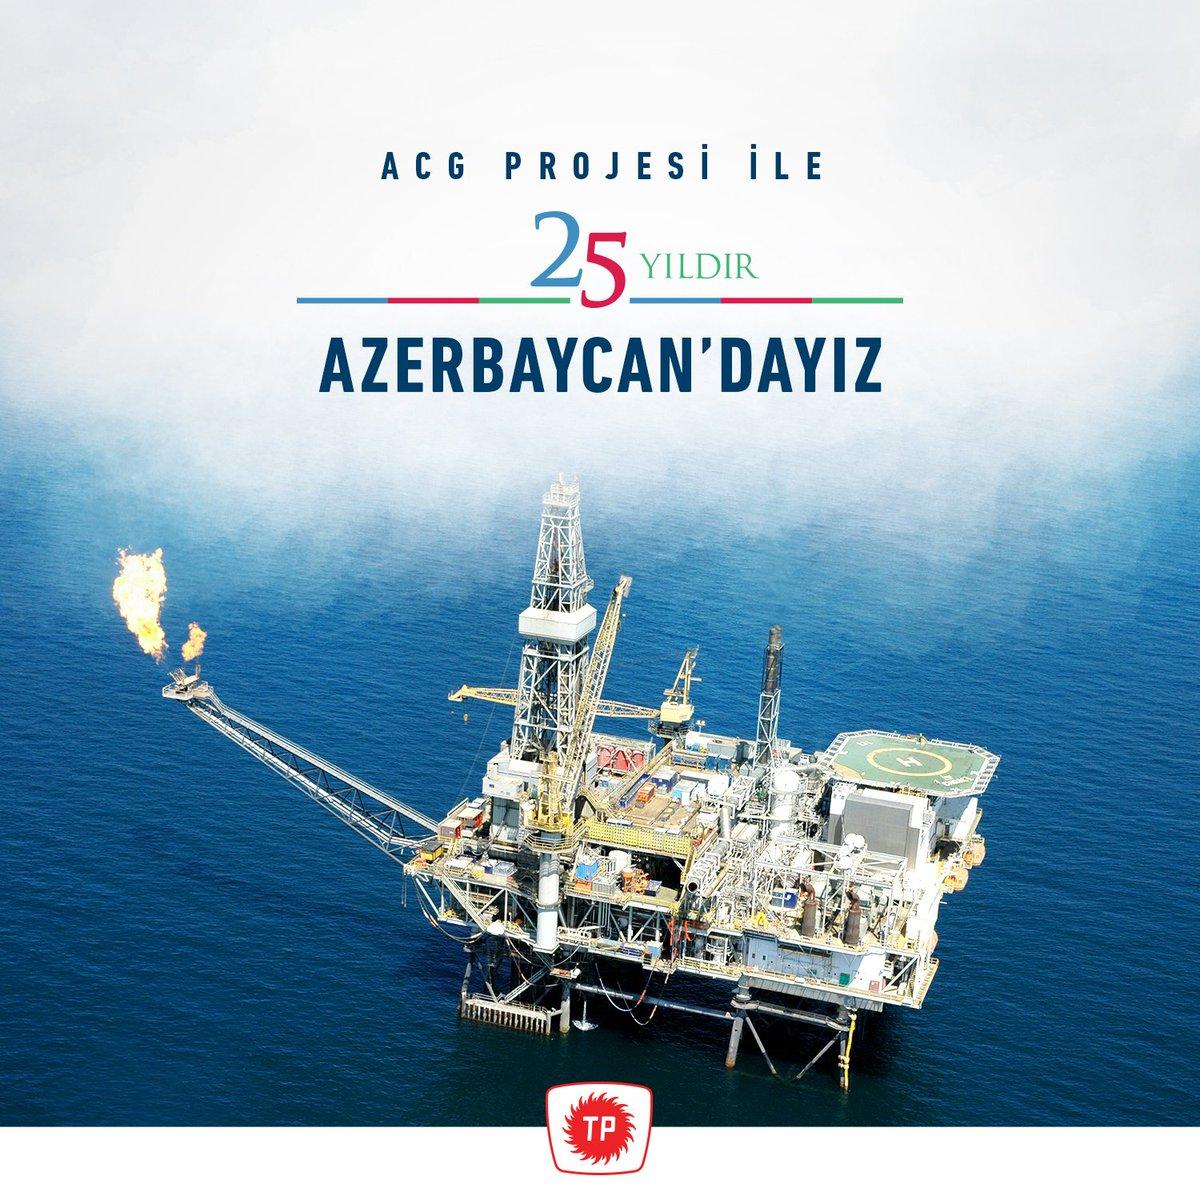 20 Eylül 1994 yılında imzalanan Azeri-Çıralı-Güneşli (ACG) projesi ile 25 yıldır Azerbaycan'dayız! Ülkemizin enerji arz güvenliğine katkı sunmak amacıyla yurt içinde olduğu gibi yurt dışında da faaliyetlerimize devam ediyoruz. 🇹🇷 🇦🇿  #TürkiyePetrolleri #TPAO  #Türkiye #Azerbaycan